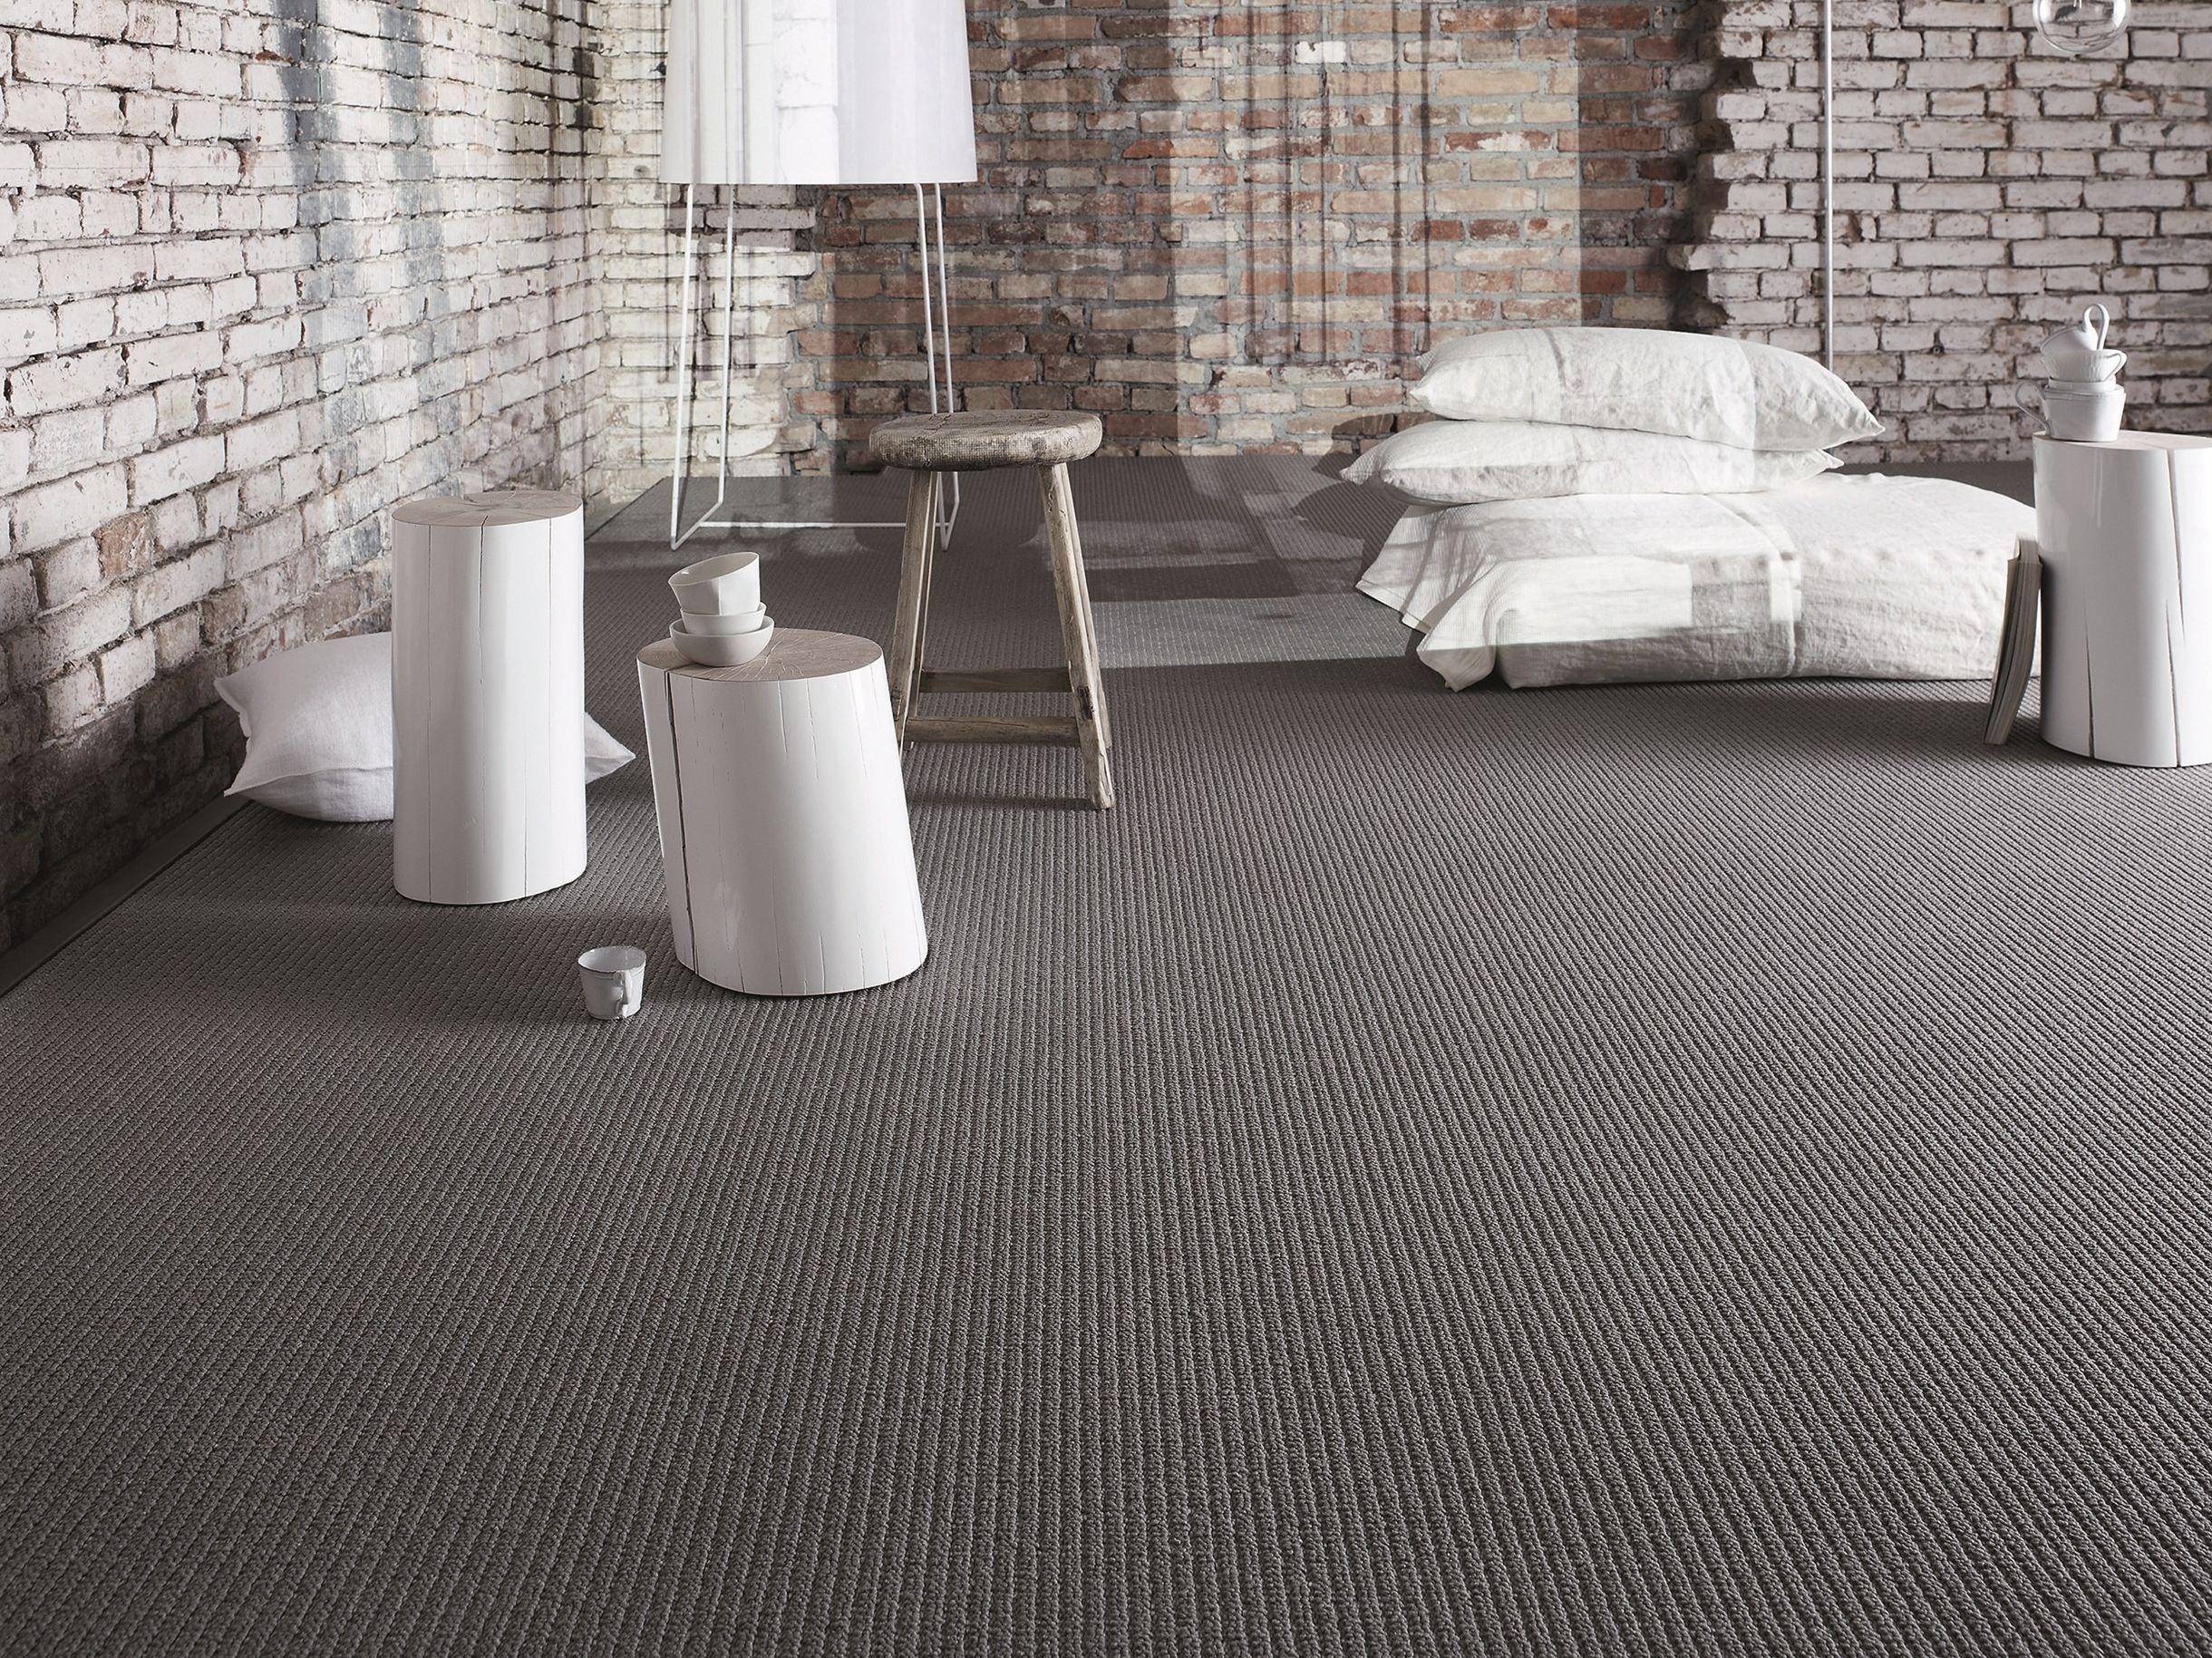 Moquette uni ritz 900 by object carpet gmbh design matteo thun for Moquette motif parquet